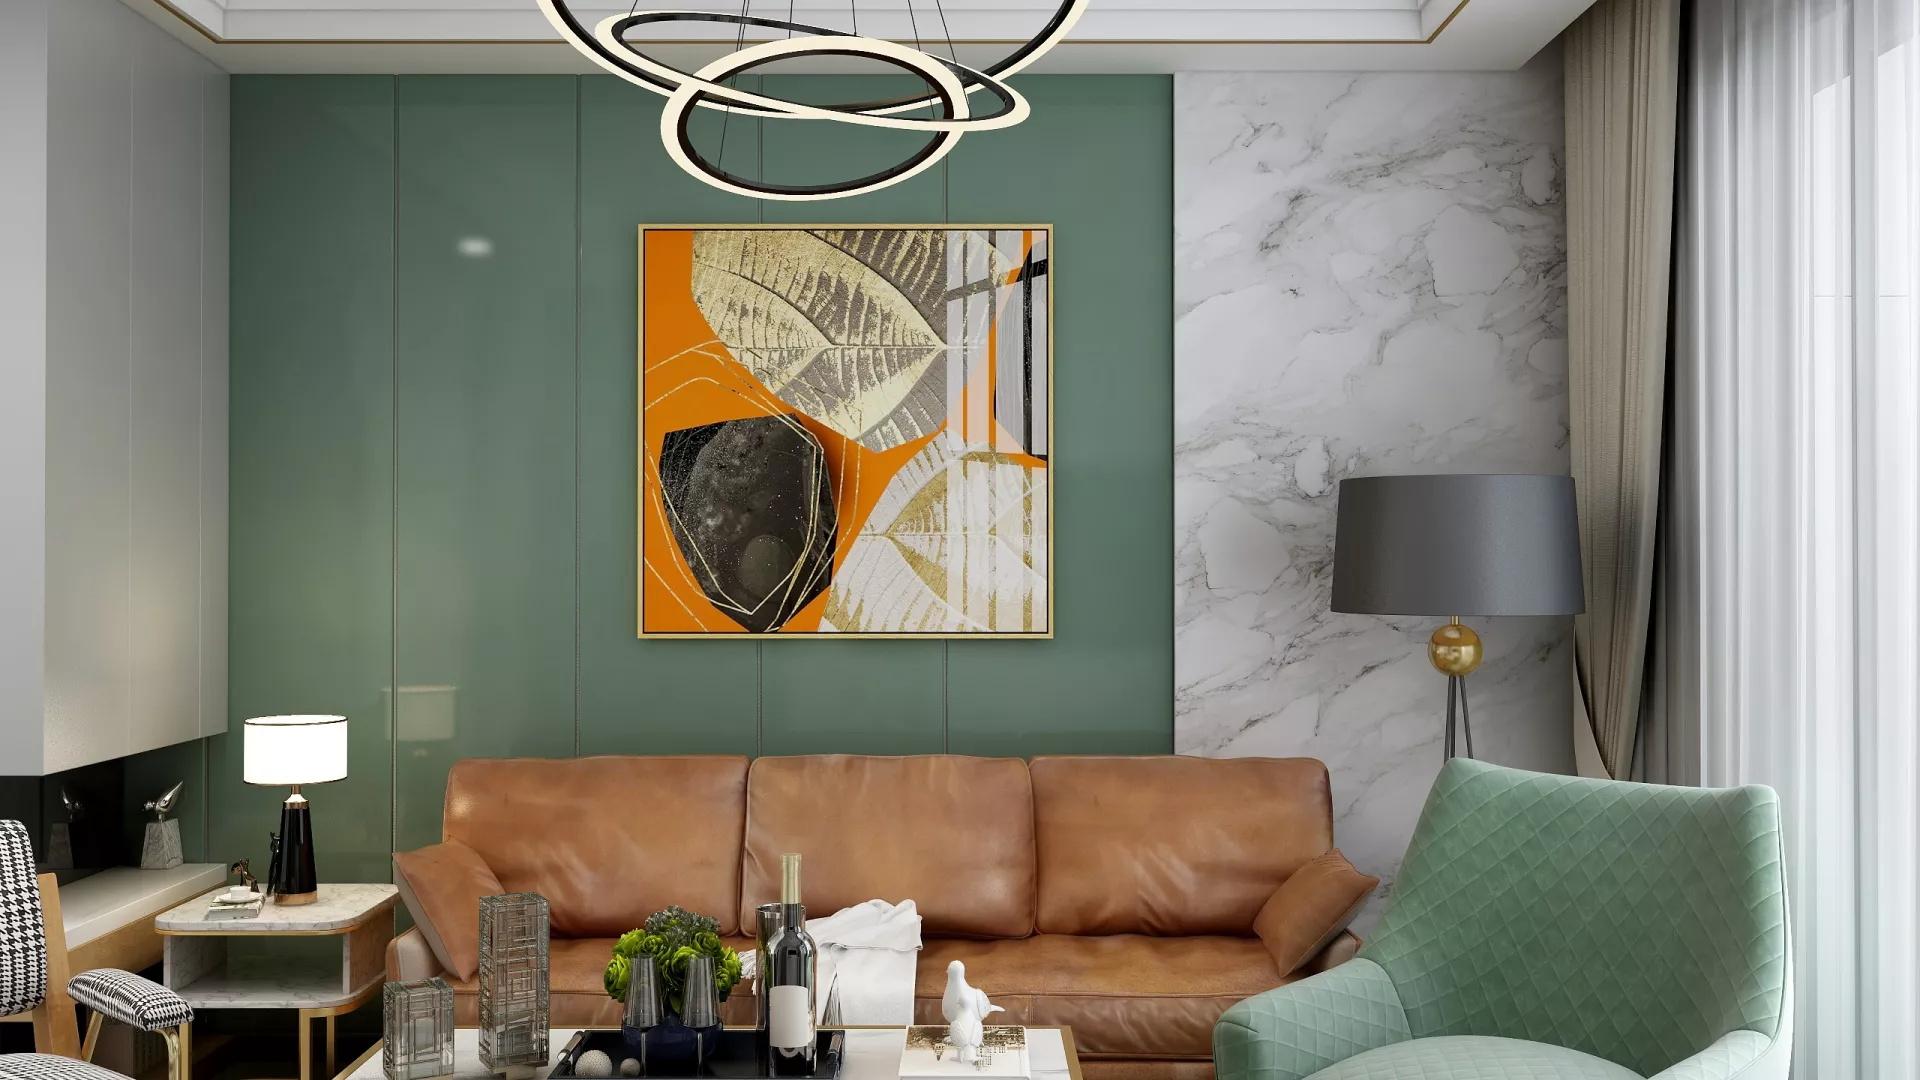 90㎡简约朴雅文艺客厅背景墙设计图